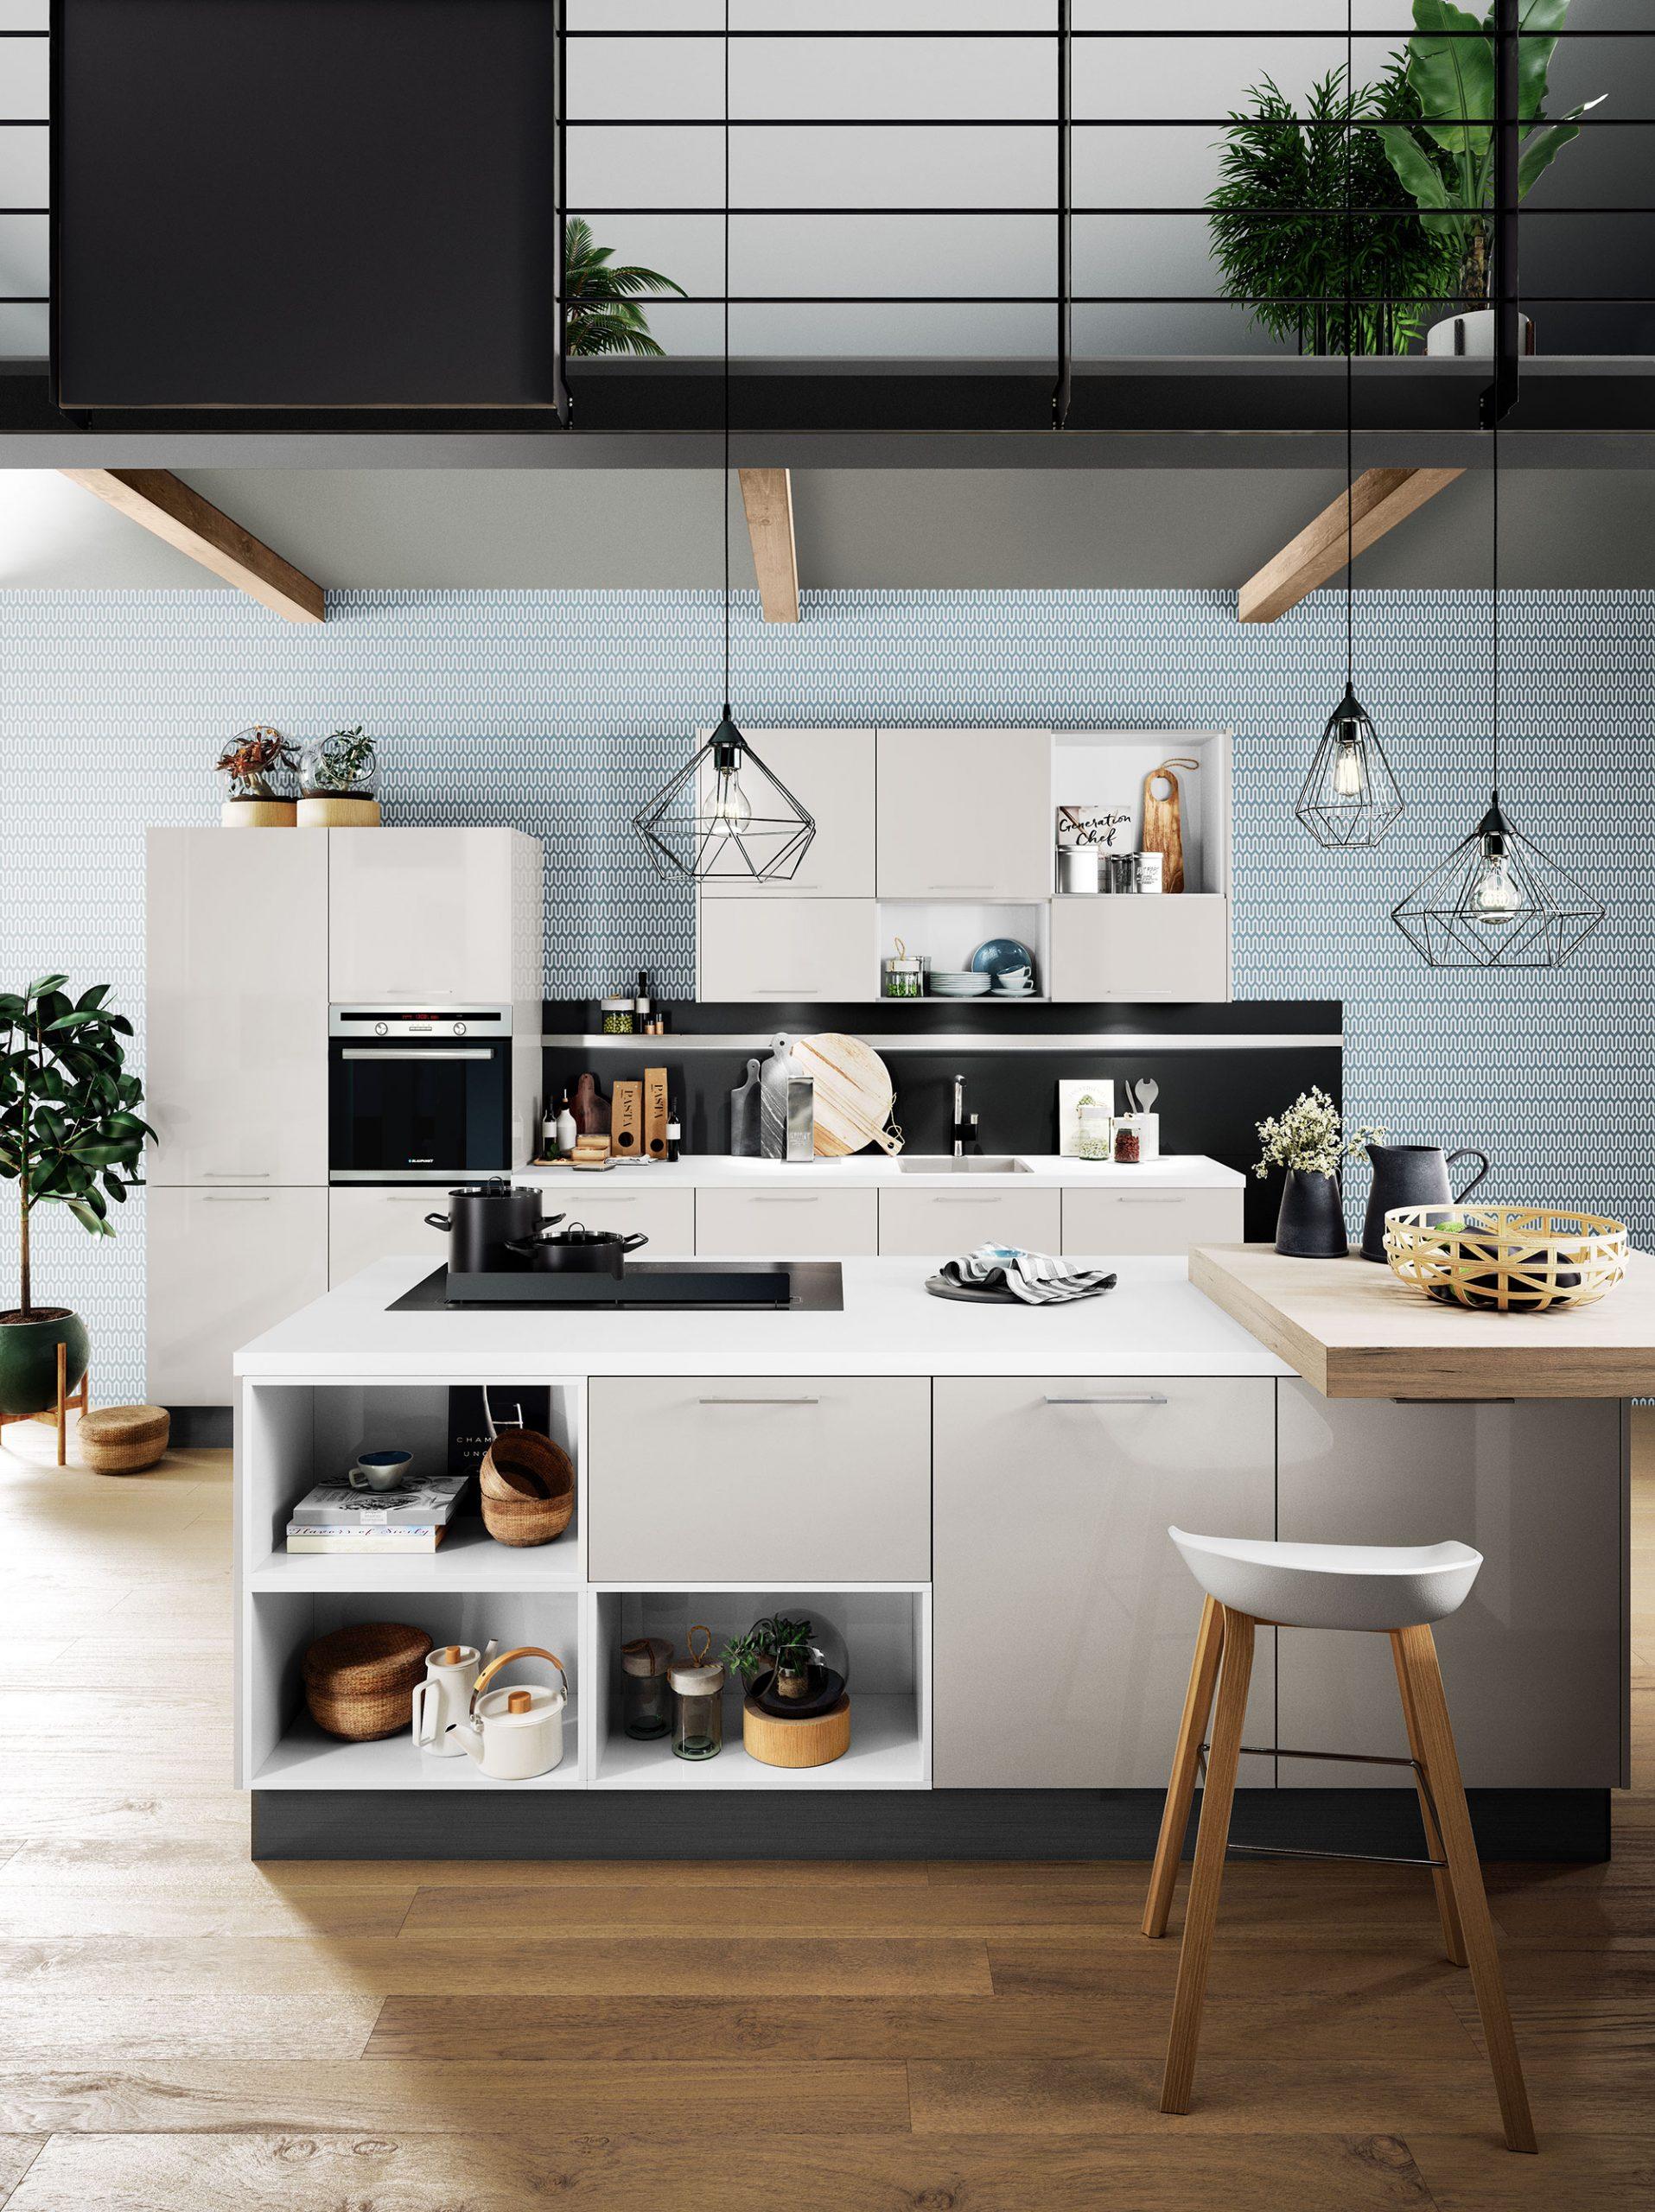 Full Size of Küche Finanzieren Sinnvoll Küche Finanzieren Laufzeit Küche Finanzieren 0 Prozent Ikea Küche Finanzieren Küche Küche Finanzieren